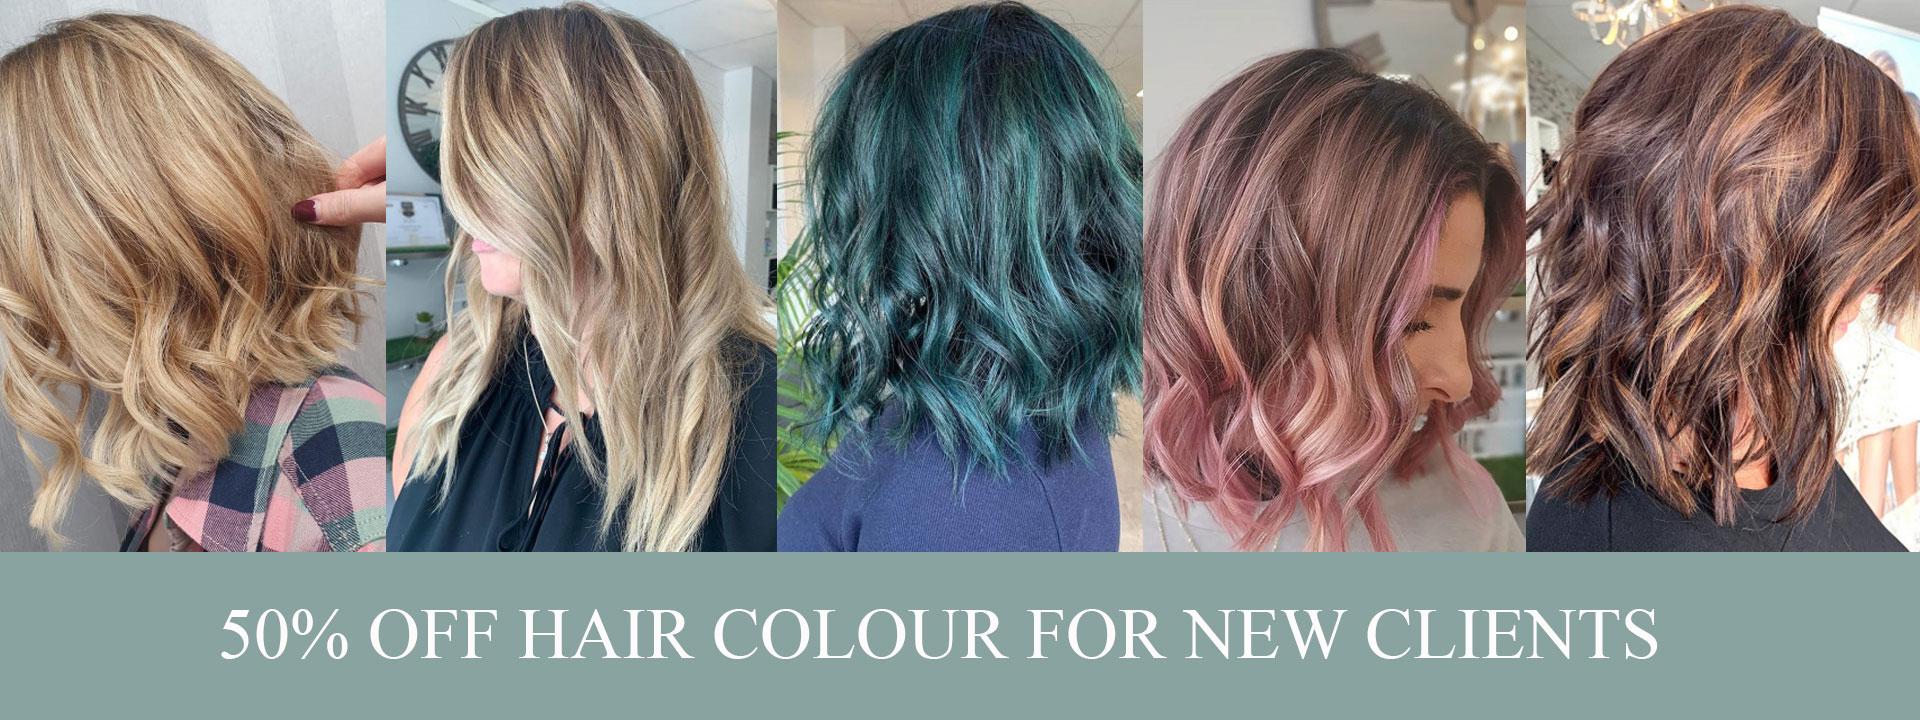 balayage hair colour at urban coiffeur wolverhampton hair salon